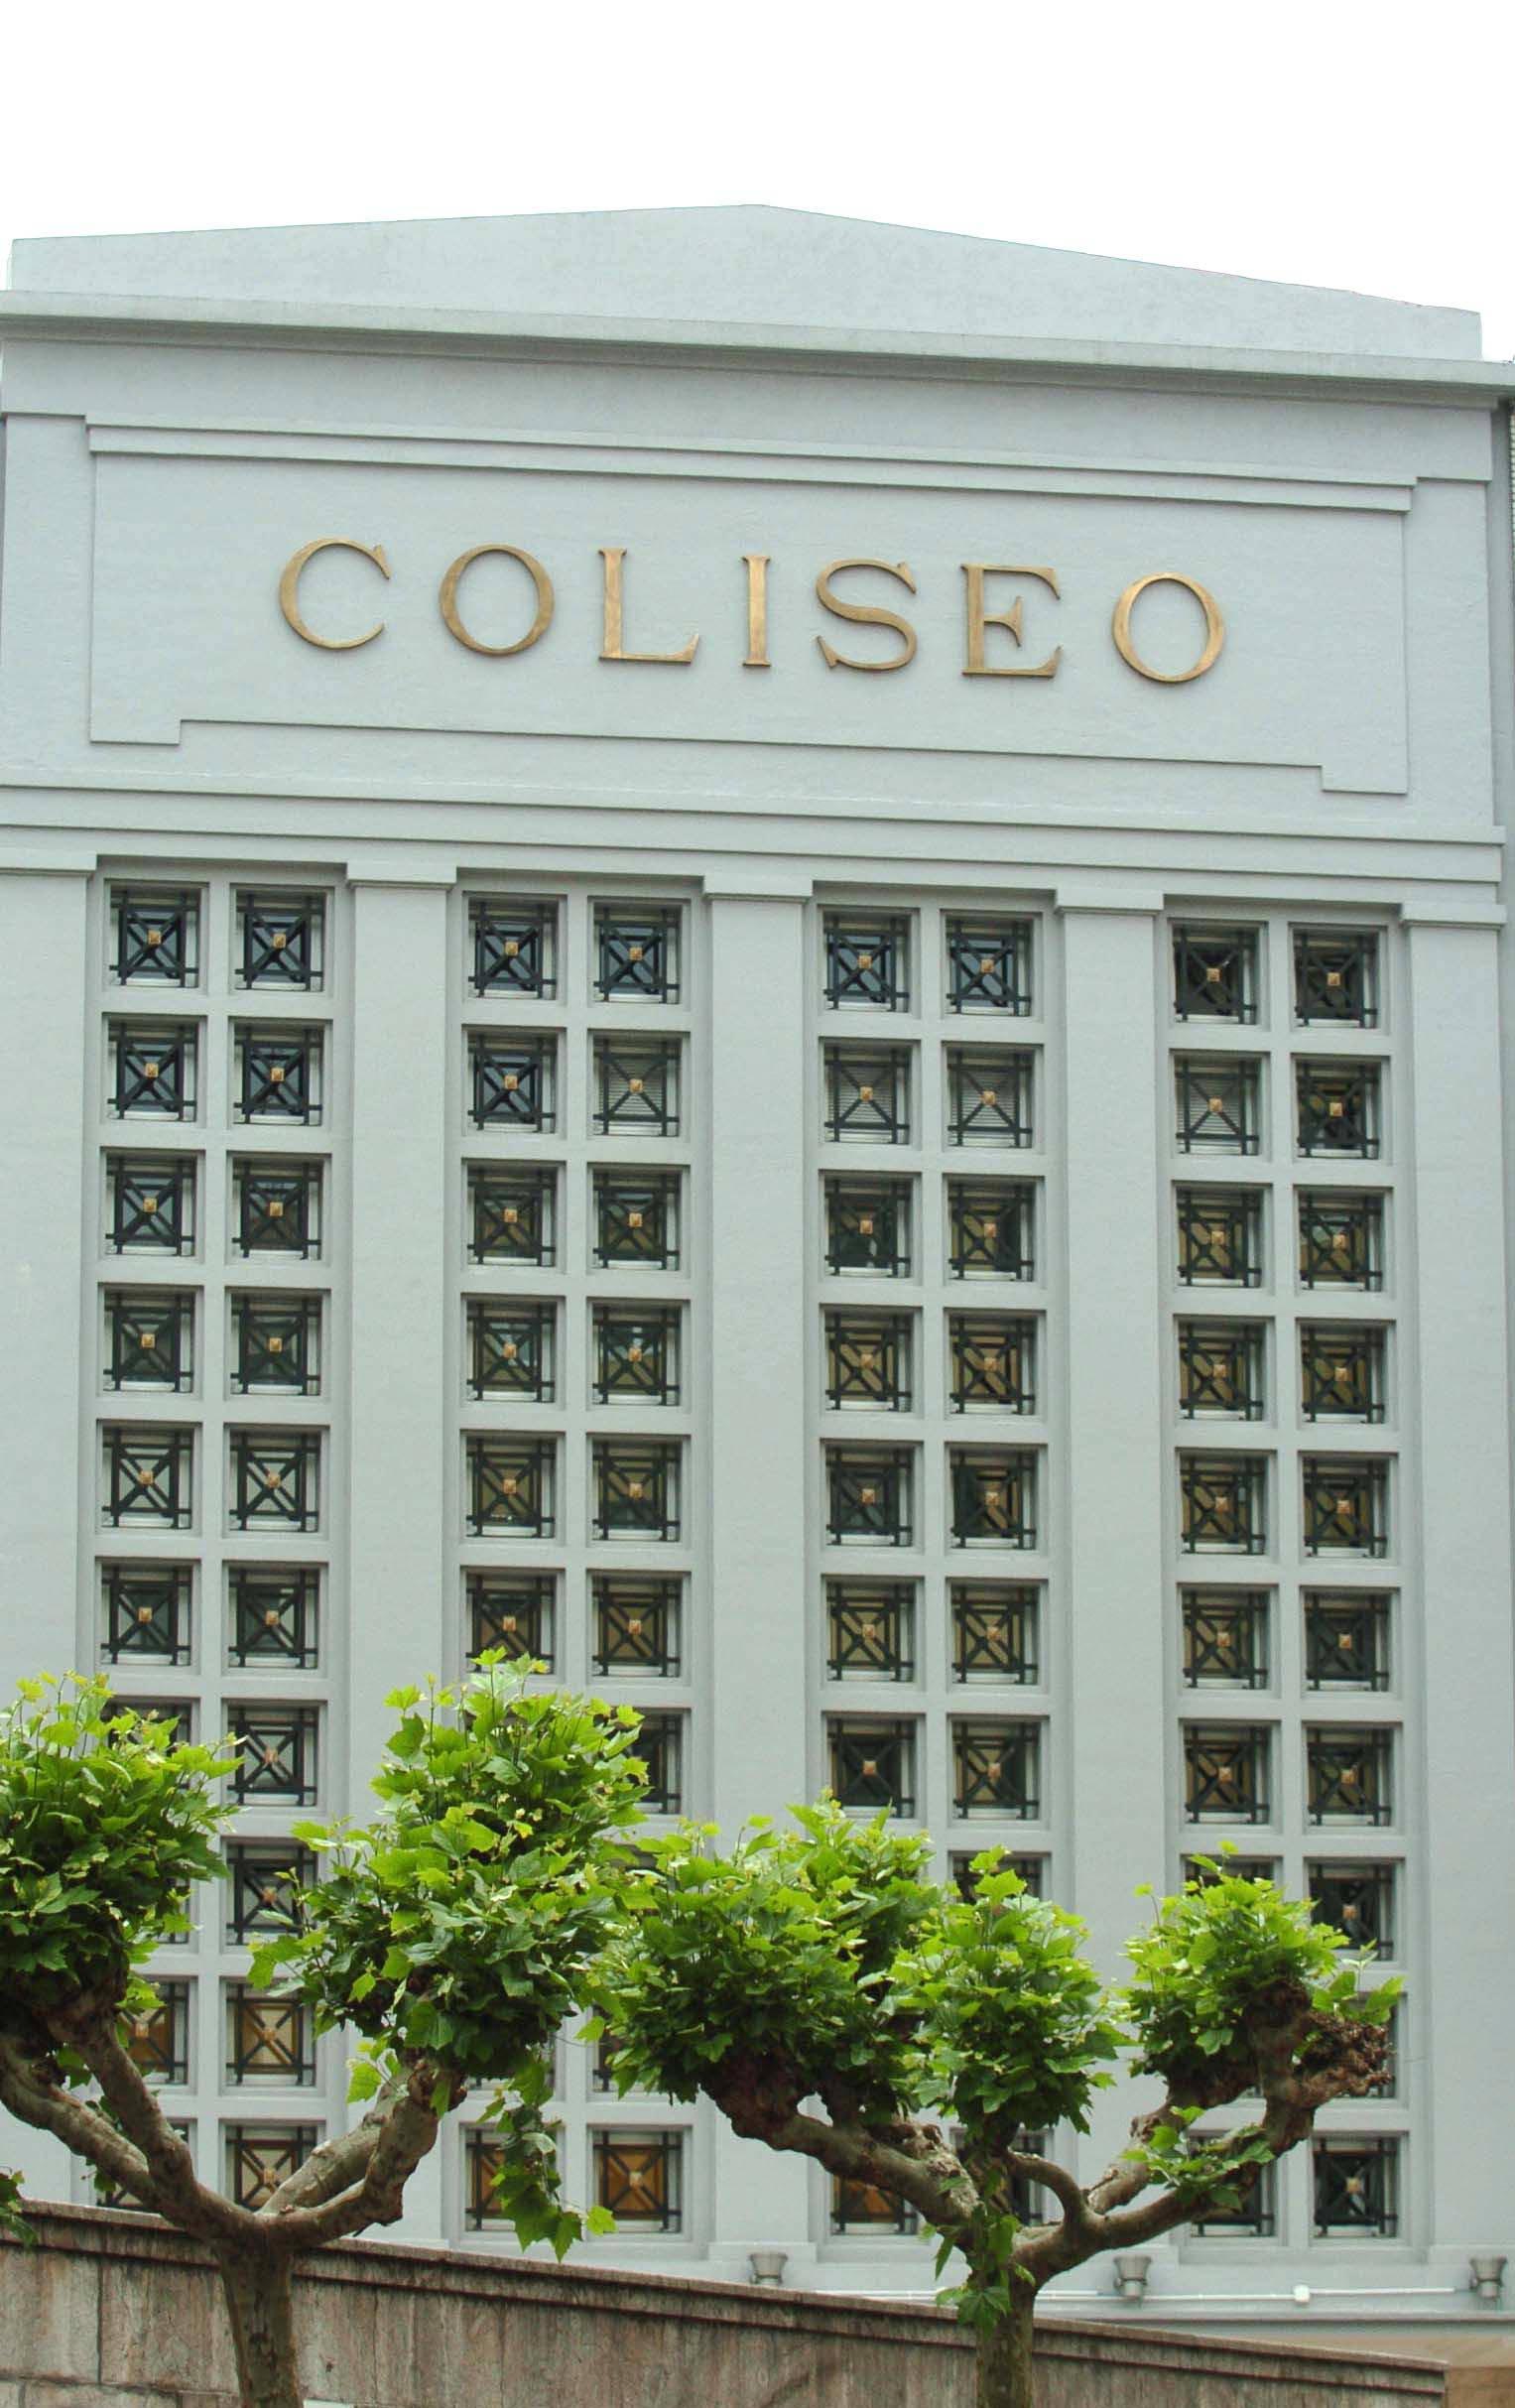 Coliseo Antzokia - Eibar